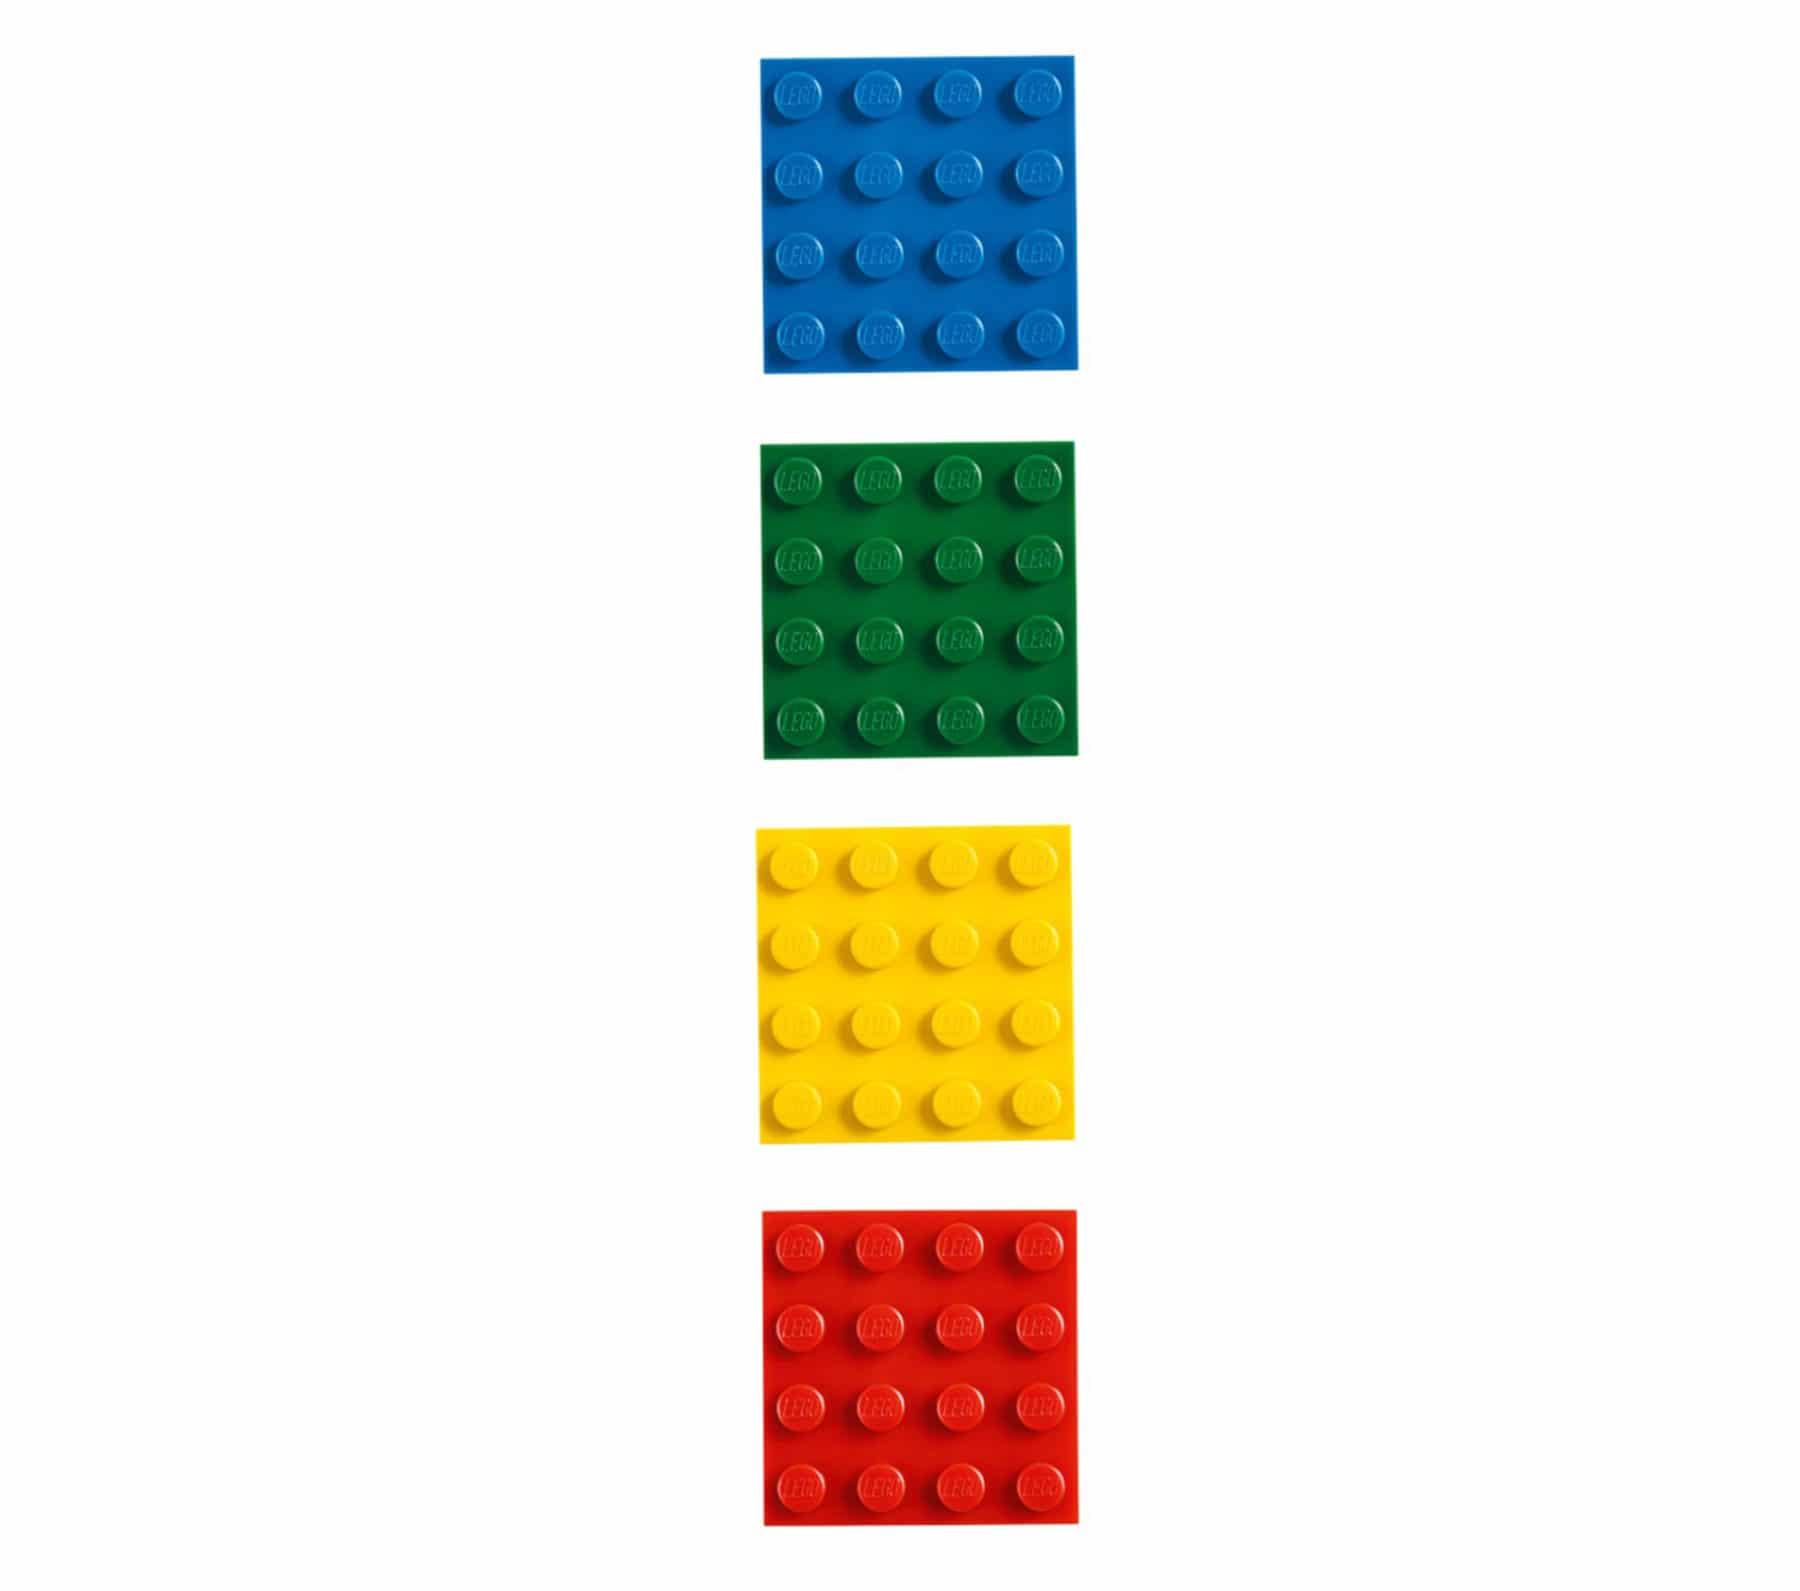 LEGO 4x4 Magente